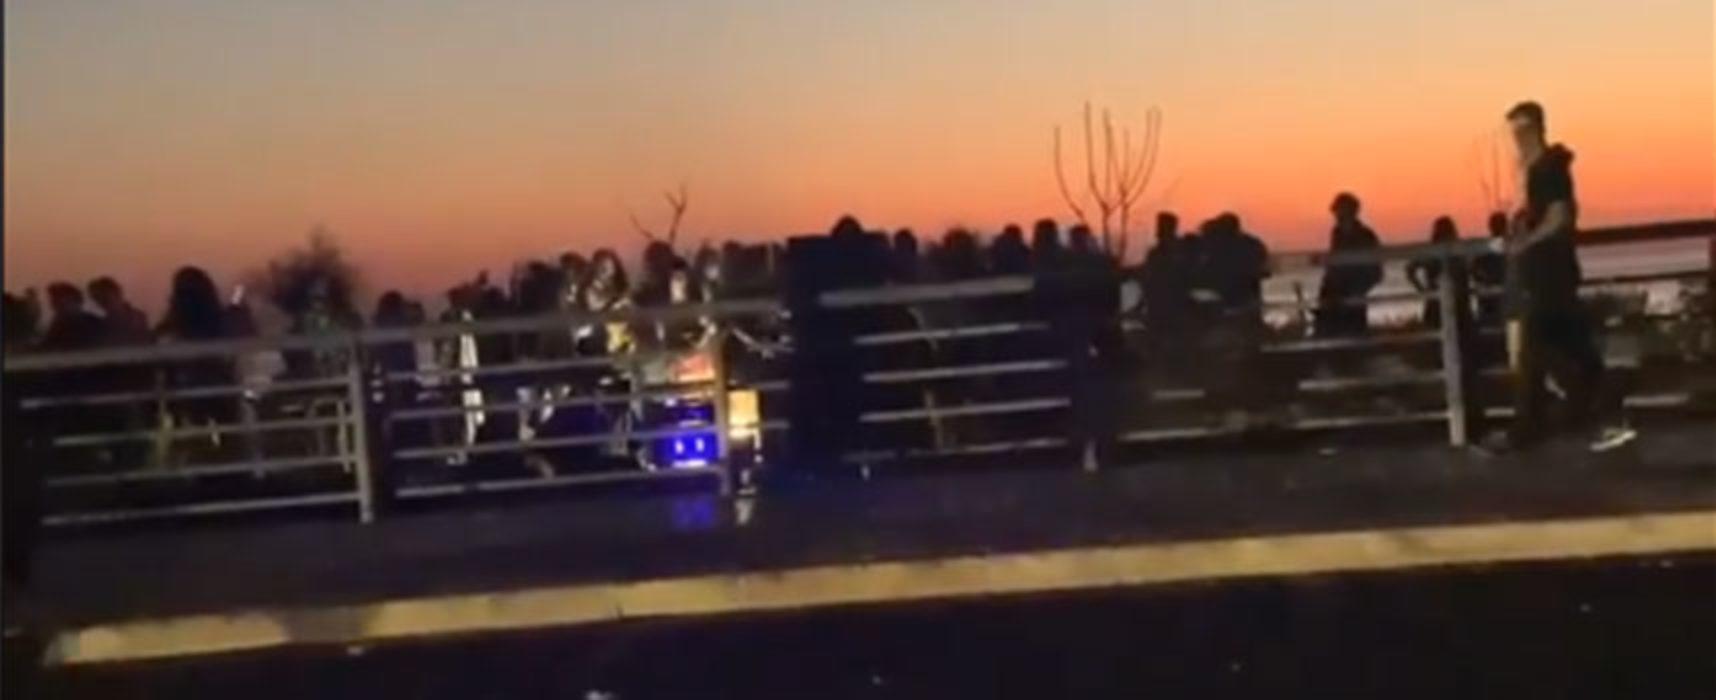 Party non autorizzato nella notte a Bisceglie, intervengono i Carabinieri